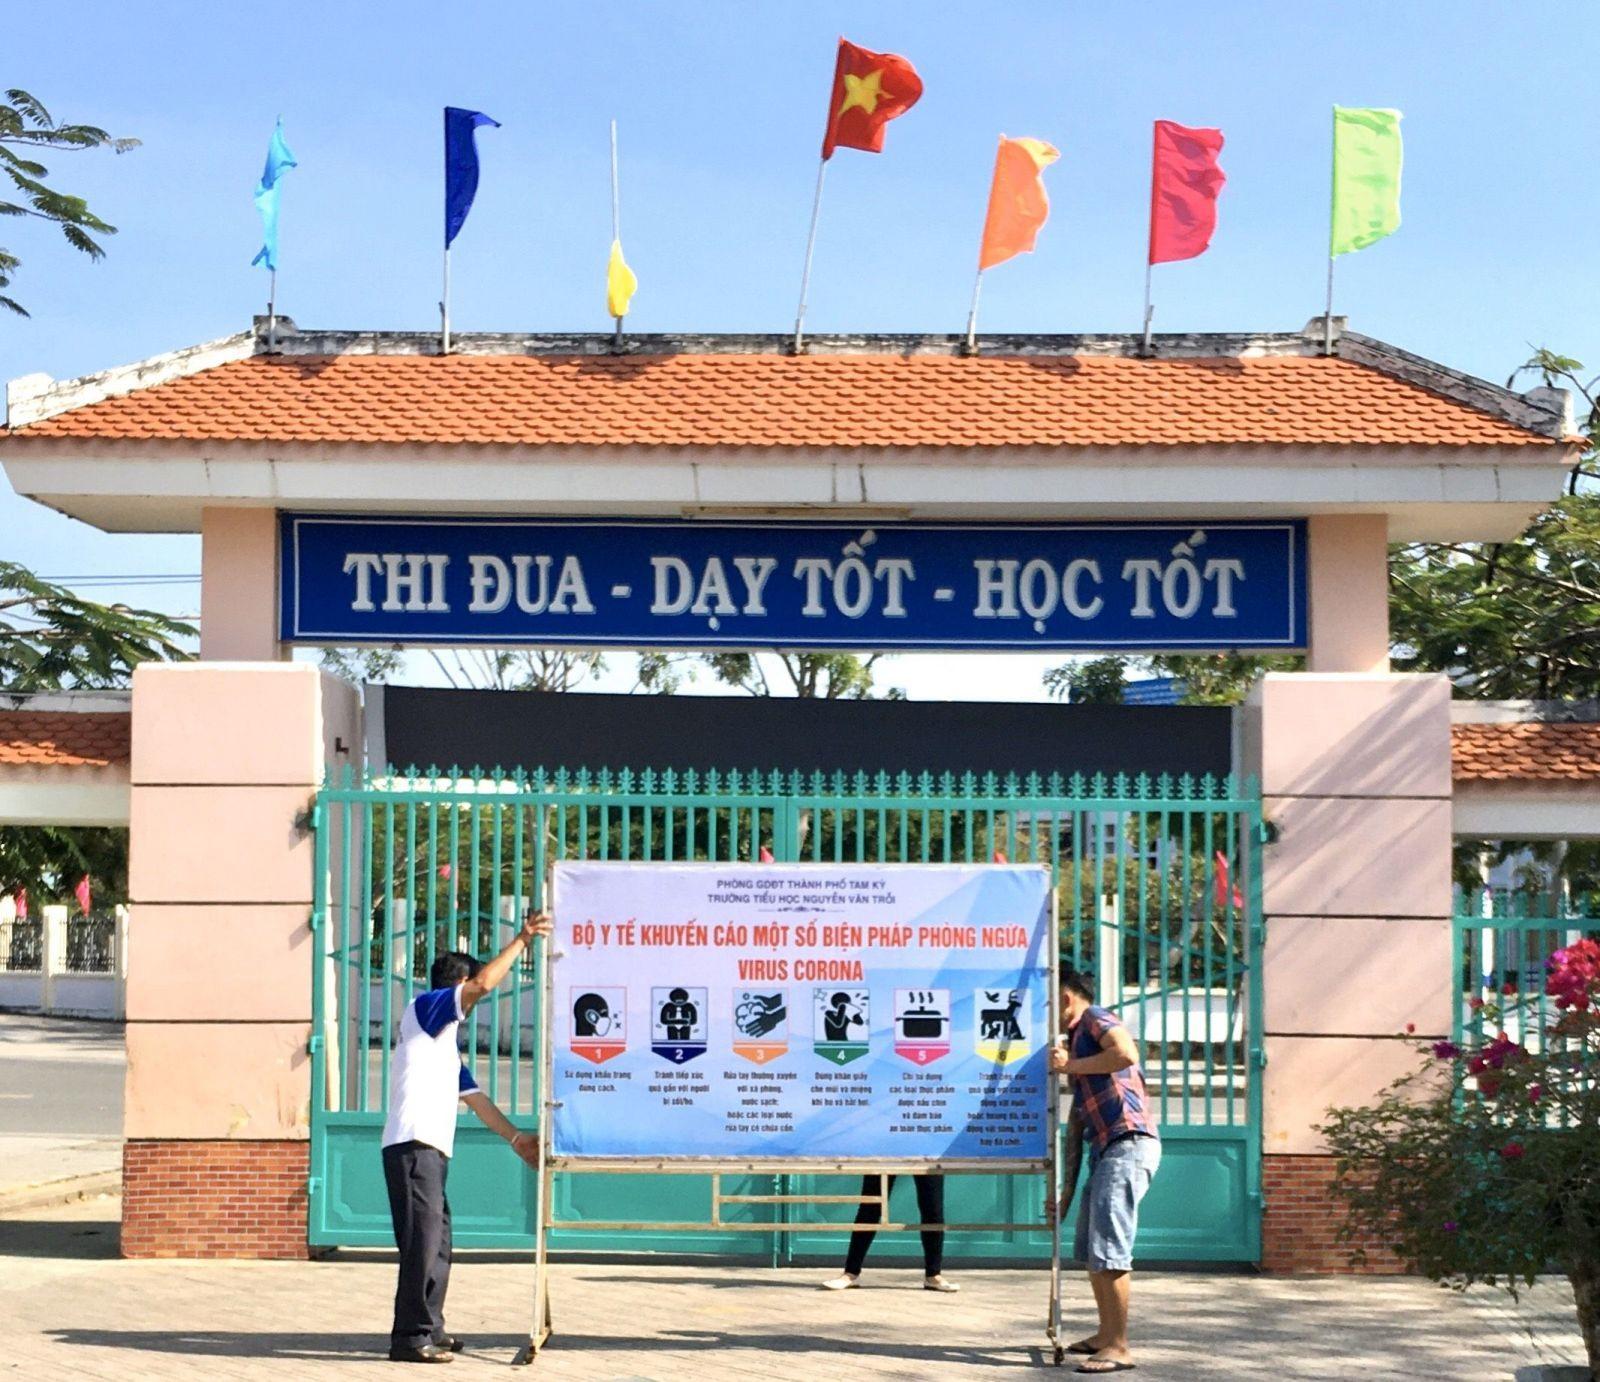 Trường Tiểu học Nguyễn Văn Trỗi (Tam Kỳ) tuyên truyền phòng chống dịch bệnh corona. Ảnh: P.Đ.V